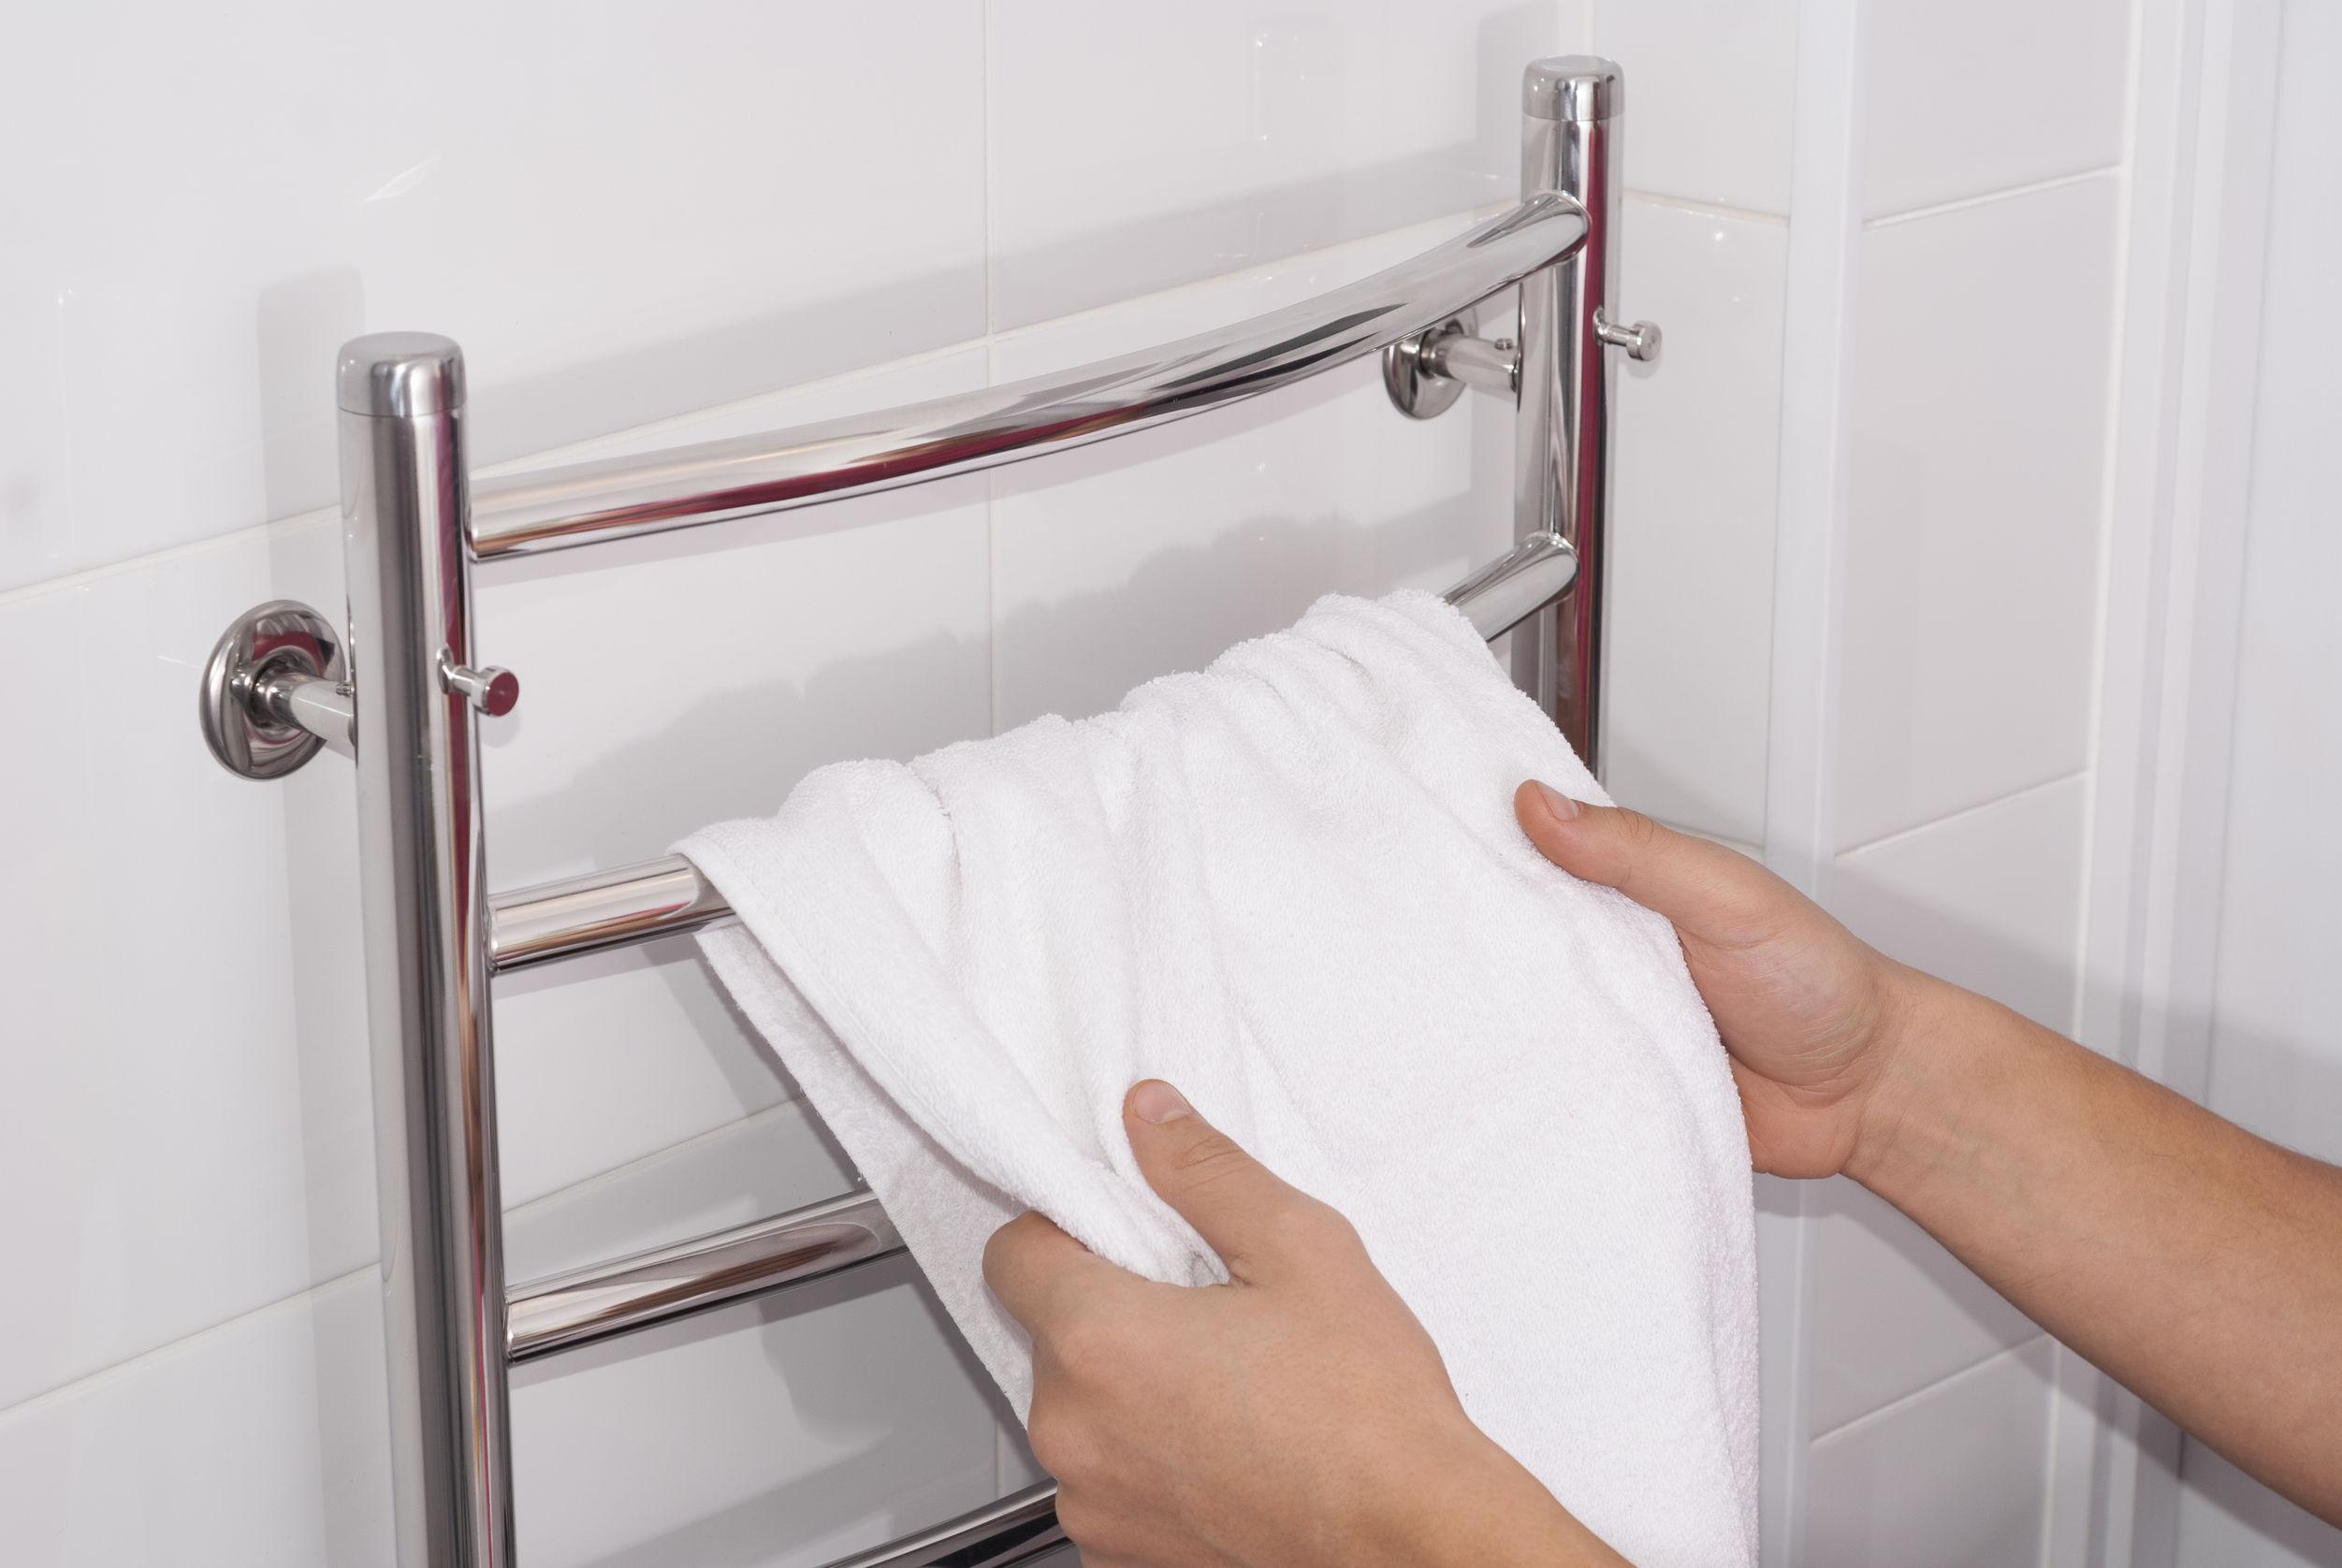 Hombre cuelga una toalla en la secadora en el baño